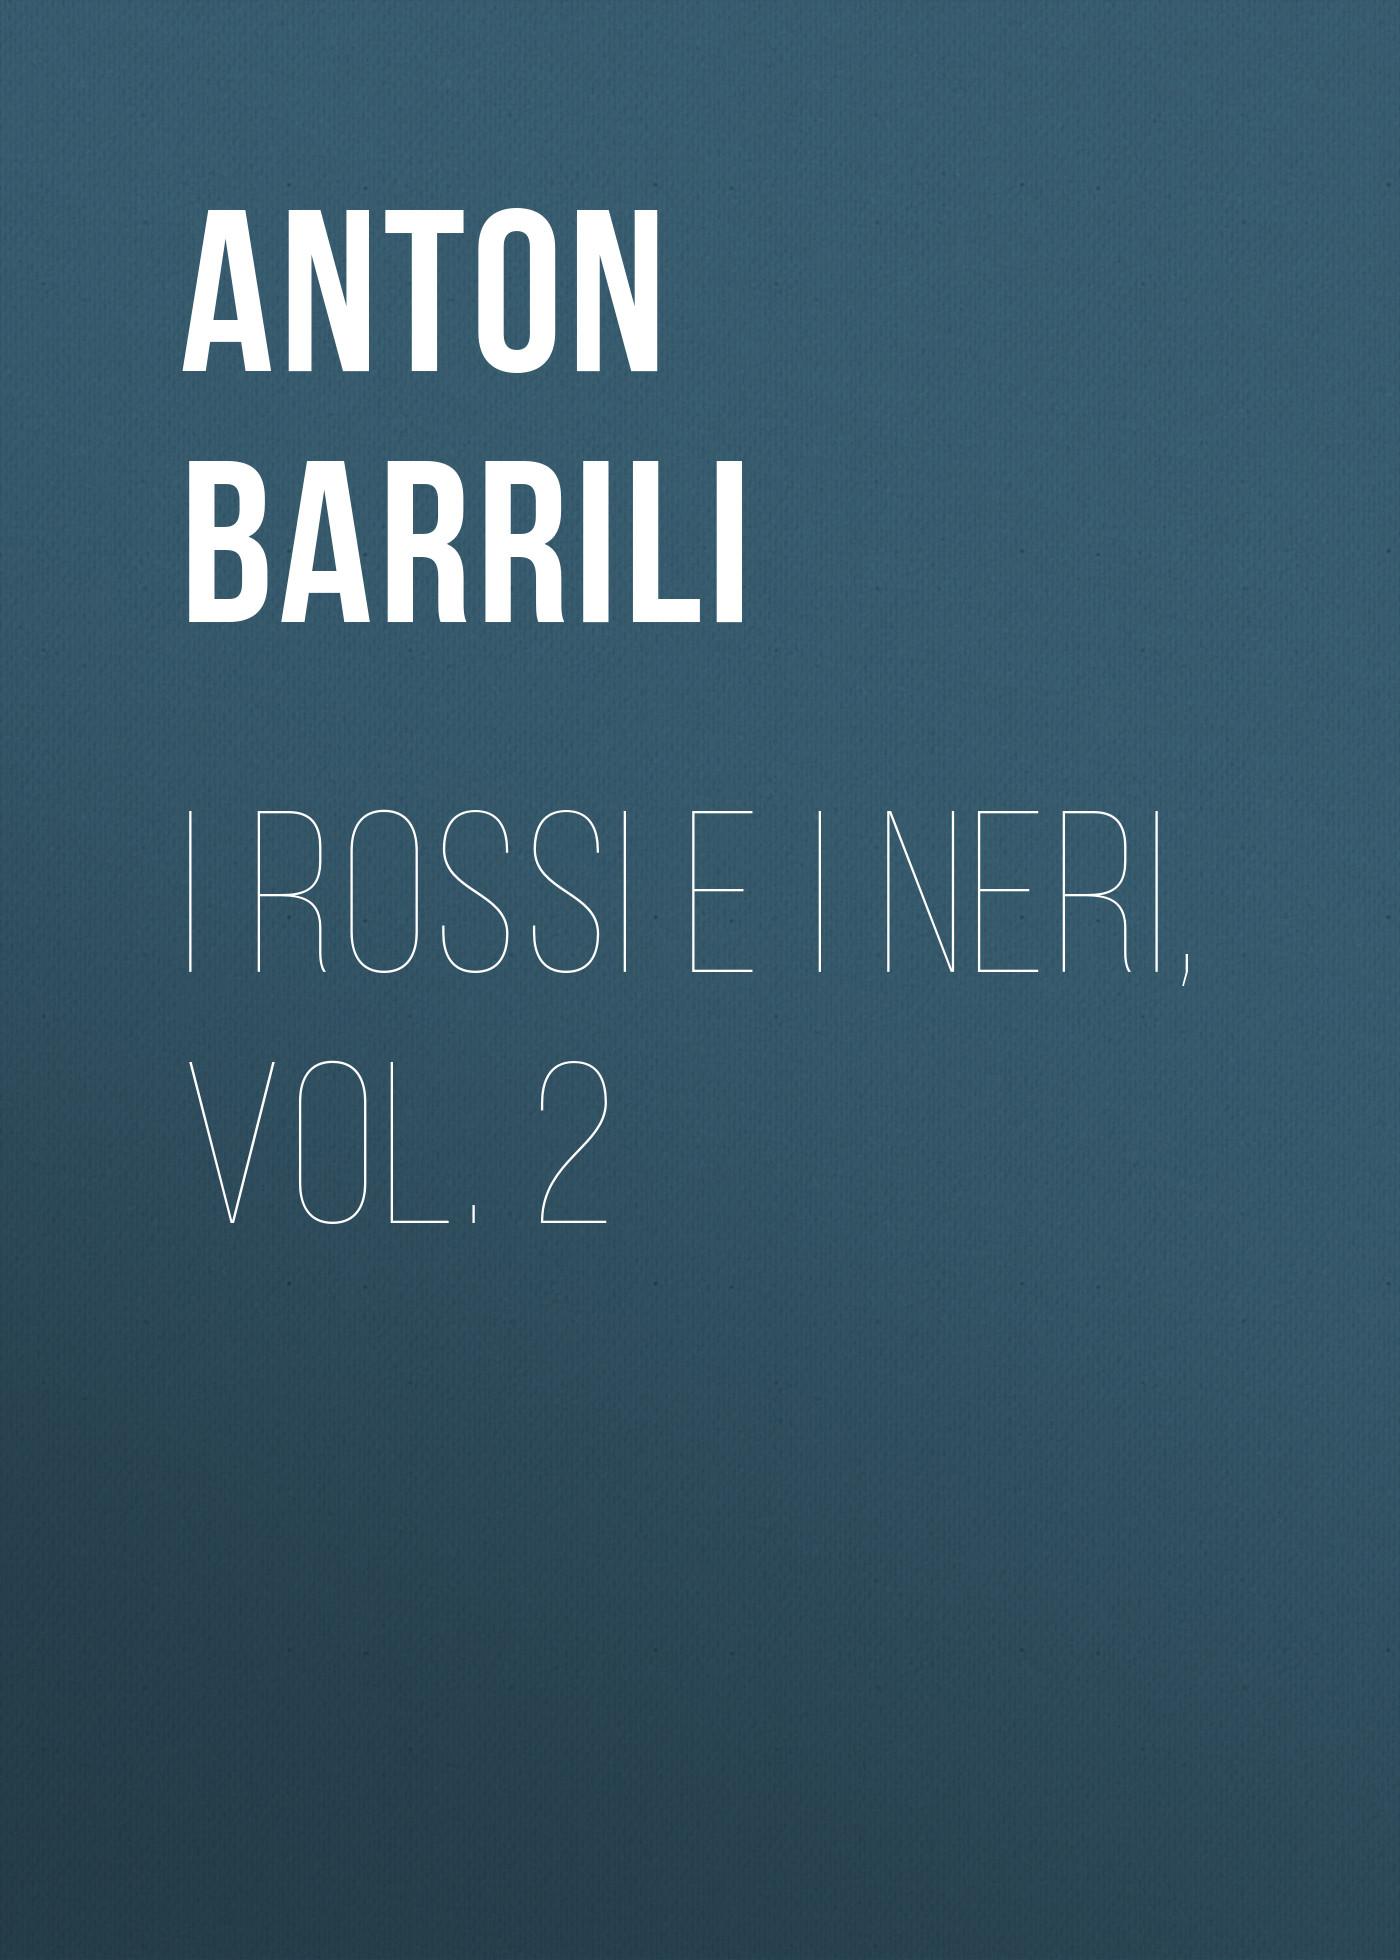 Barrili Anton Giulio I rossi e i neri, vol. 2